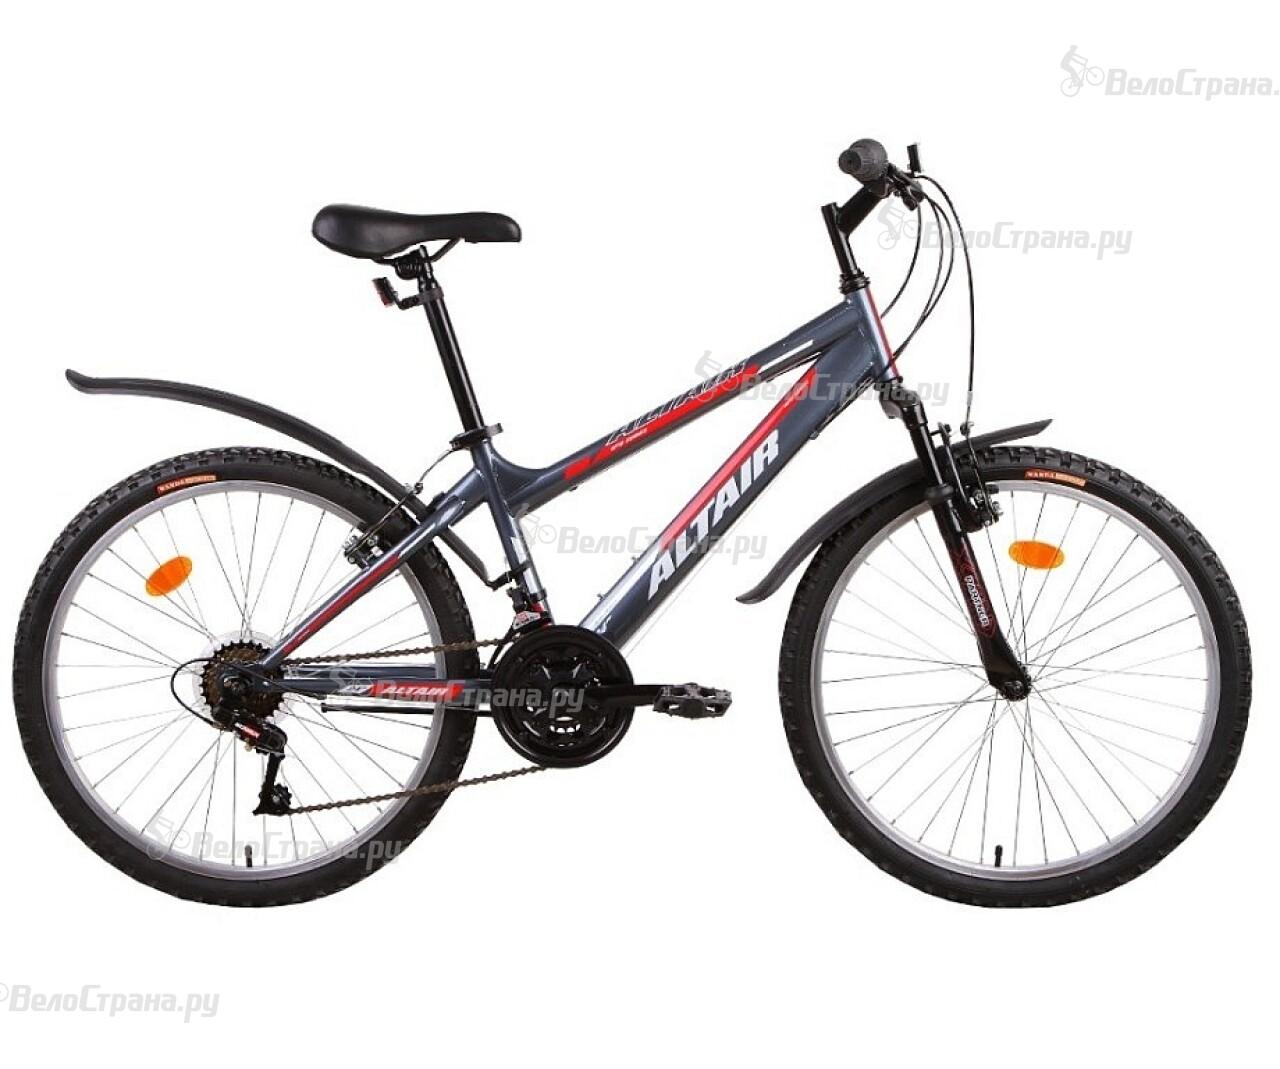 Велосипед Forward Altair MTB HT Junior 24 (2015) велосипед forward altair city girl 20 compact 2015